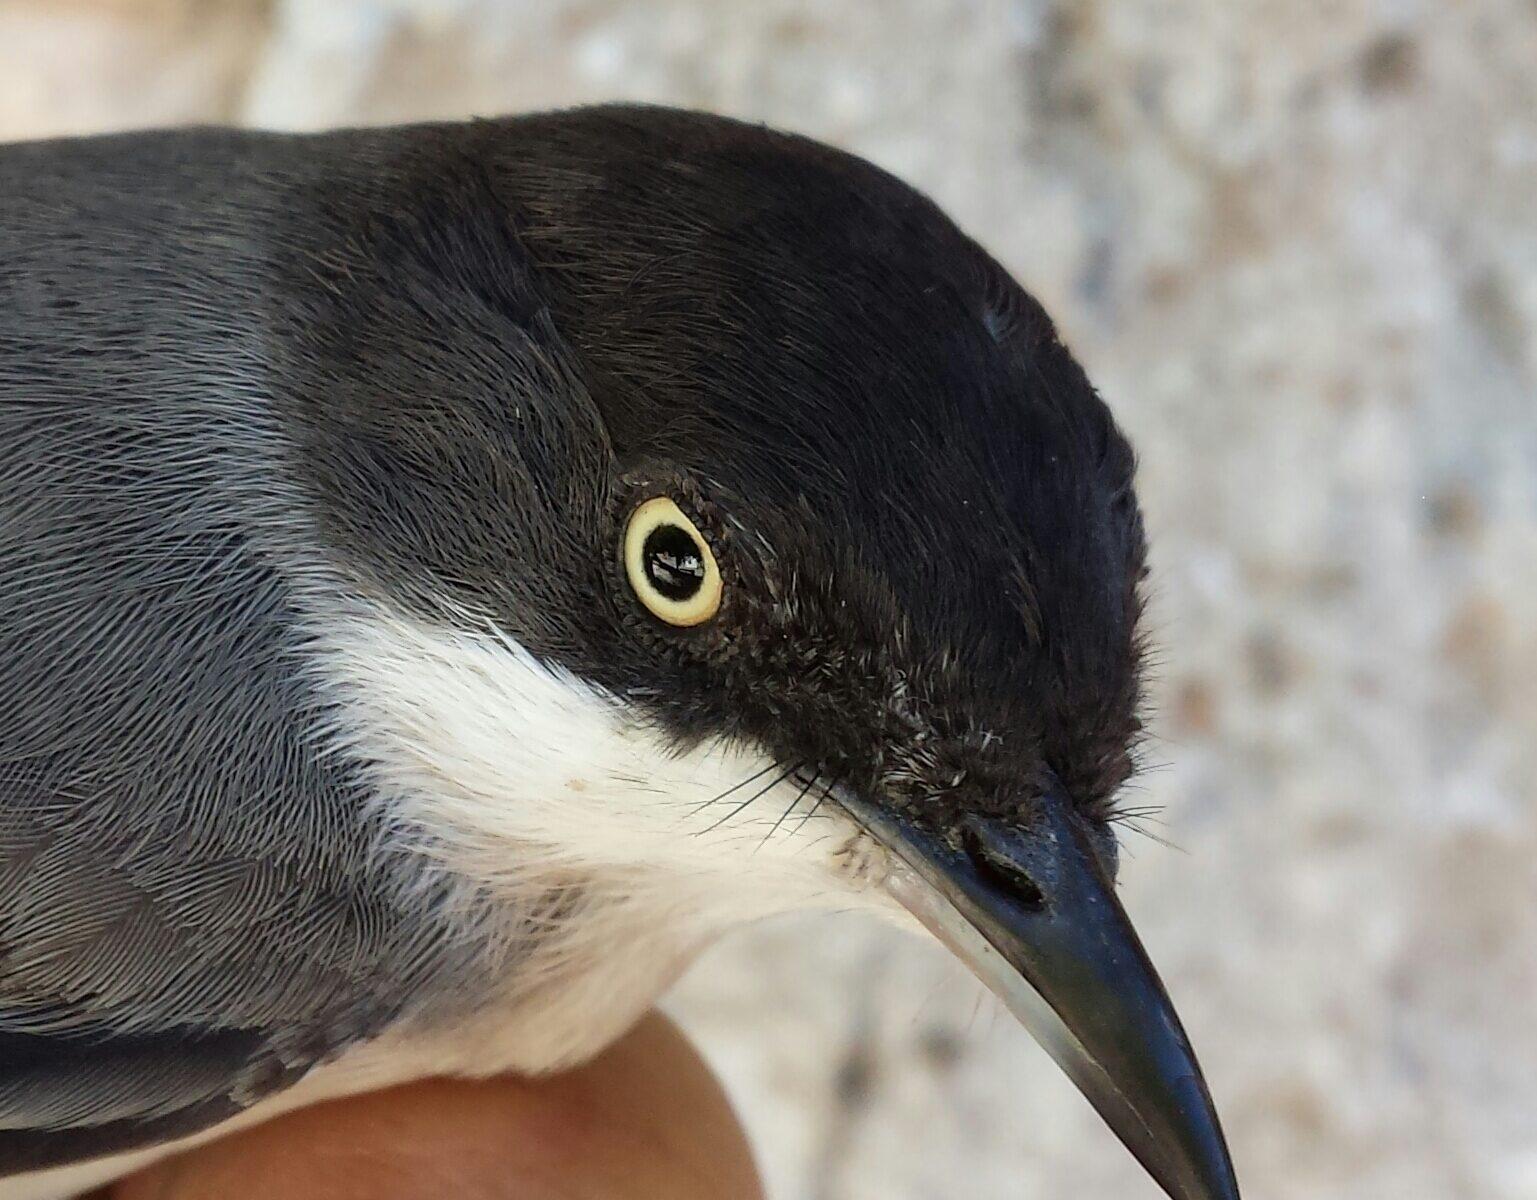 Estación de anillamiento científico de aves 'Hortensis' en Torremocha de Jadraque